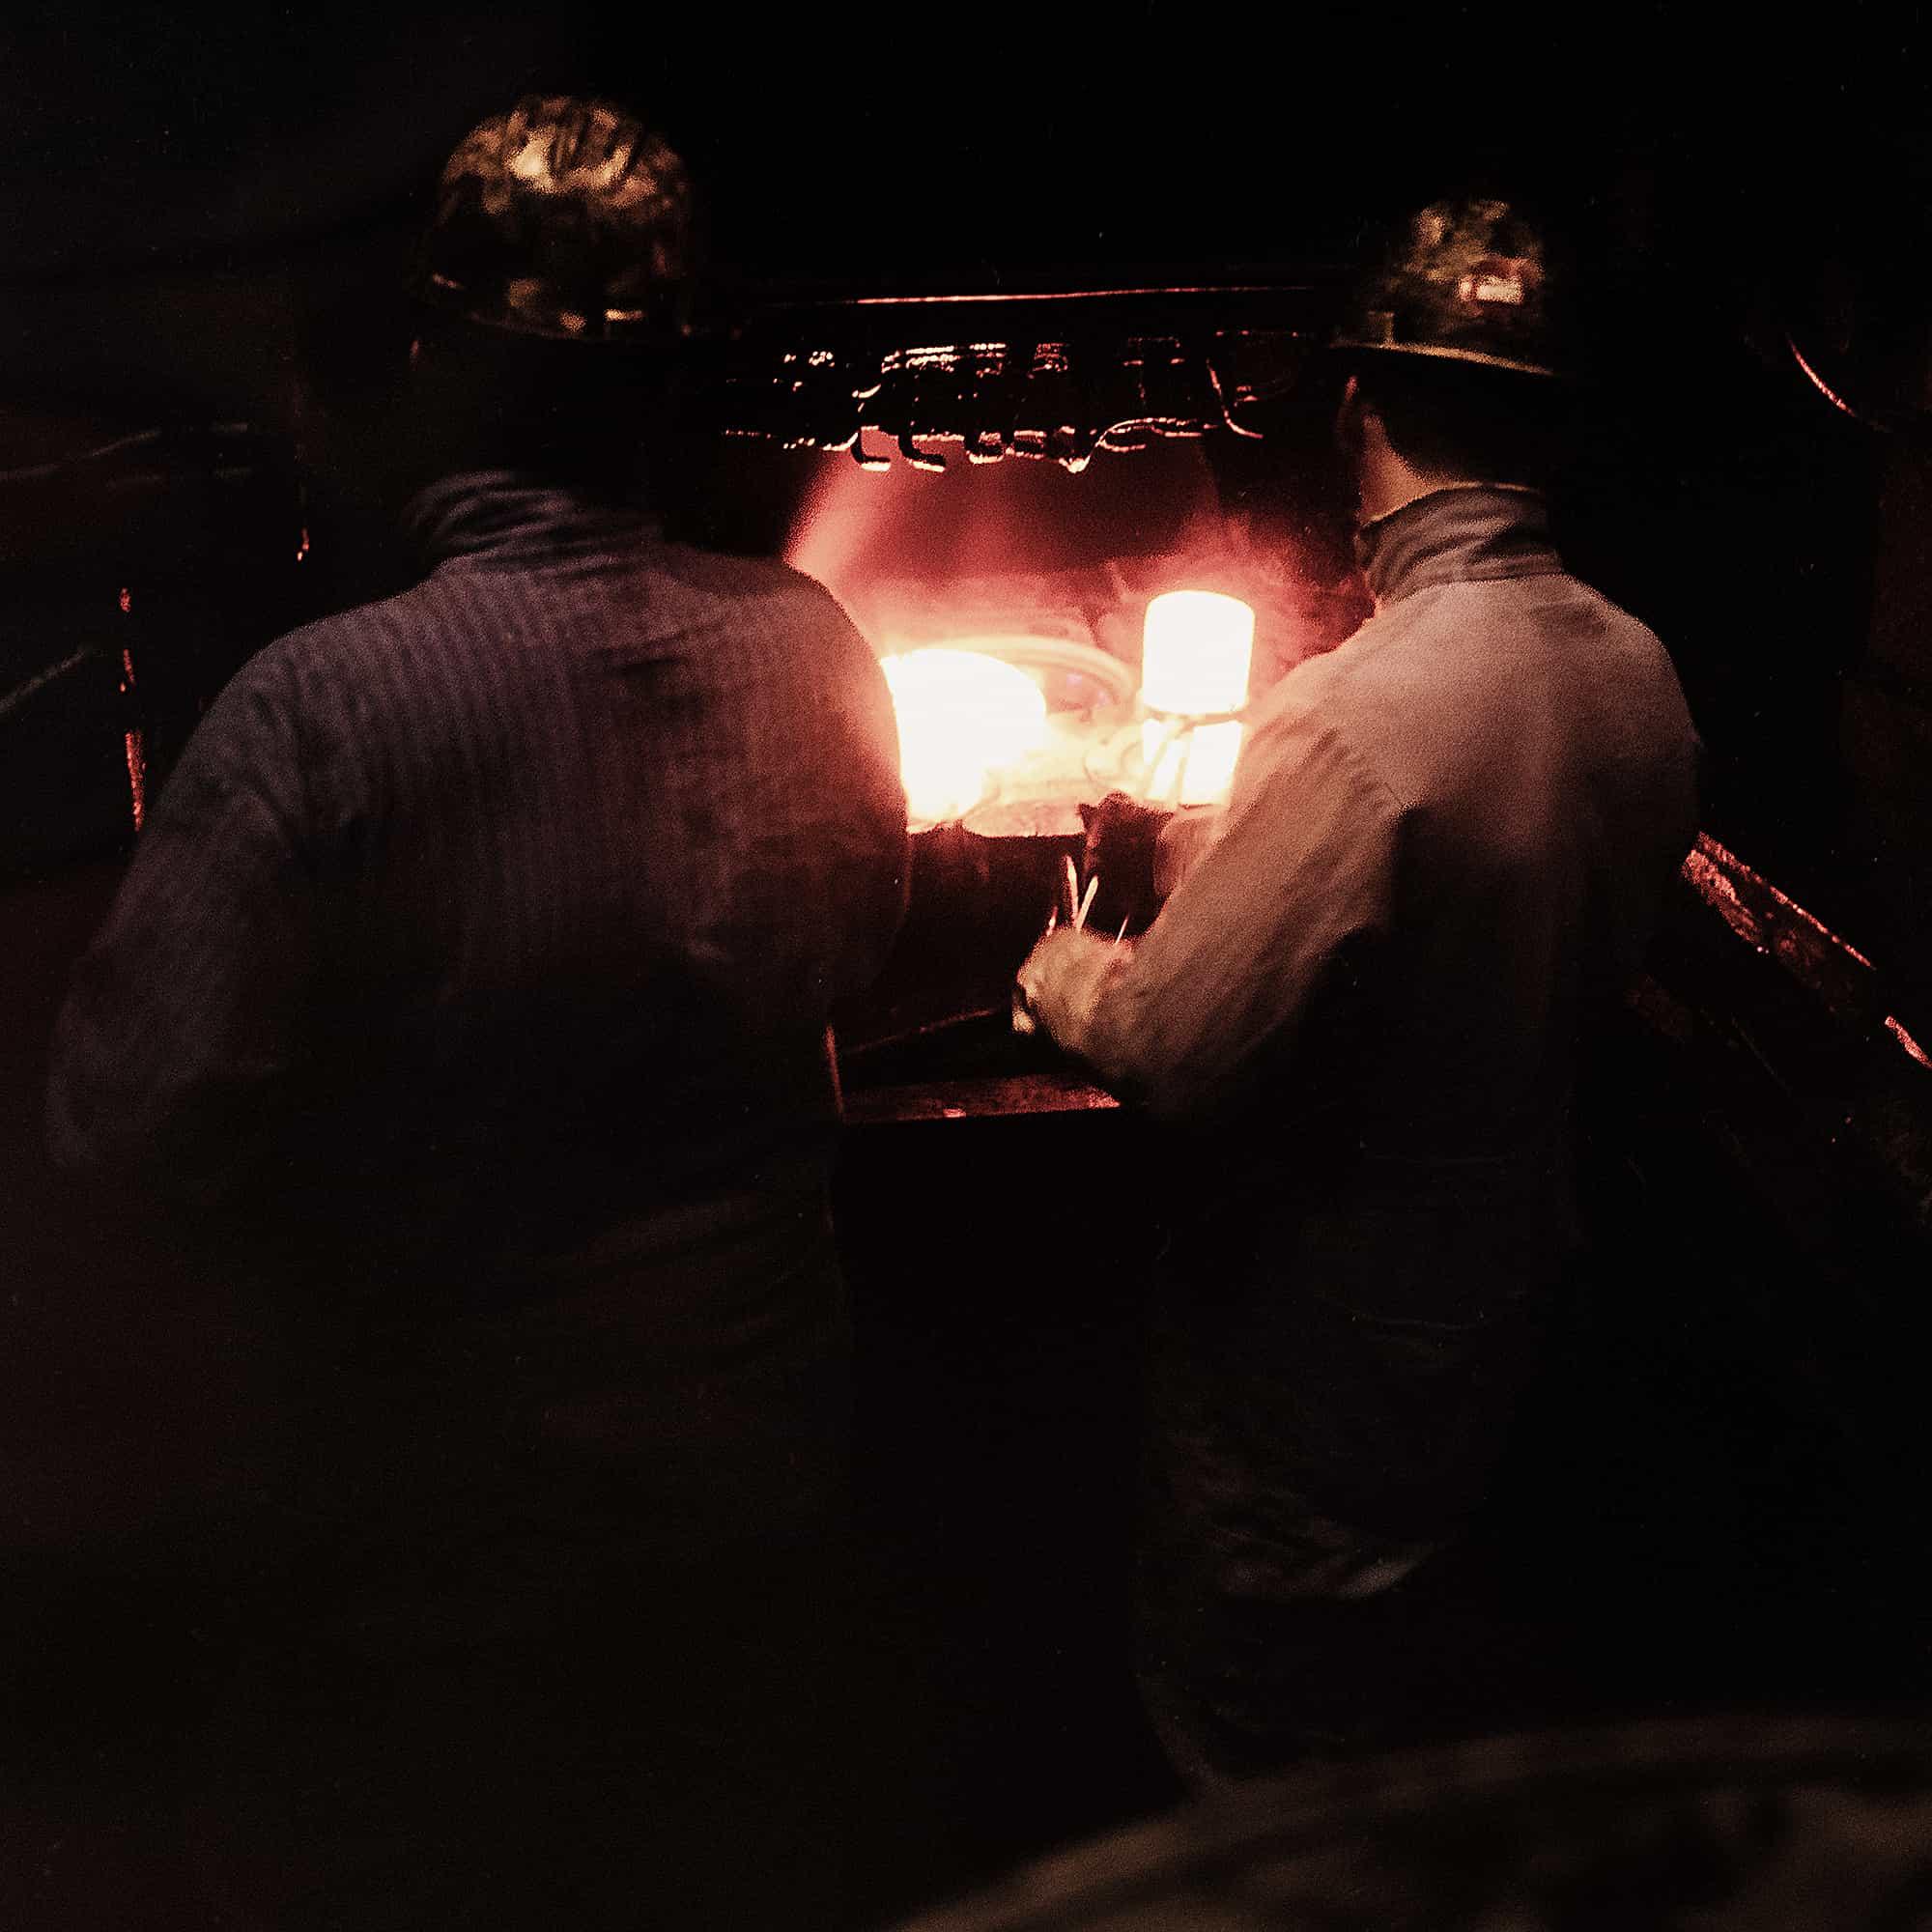 detroit-industrial-photographers